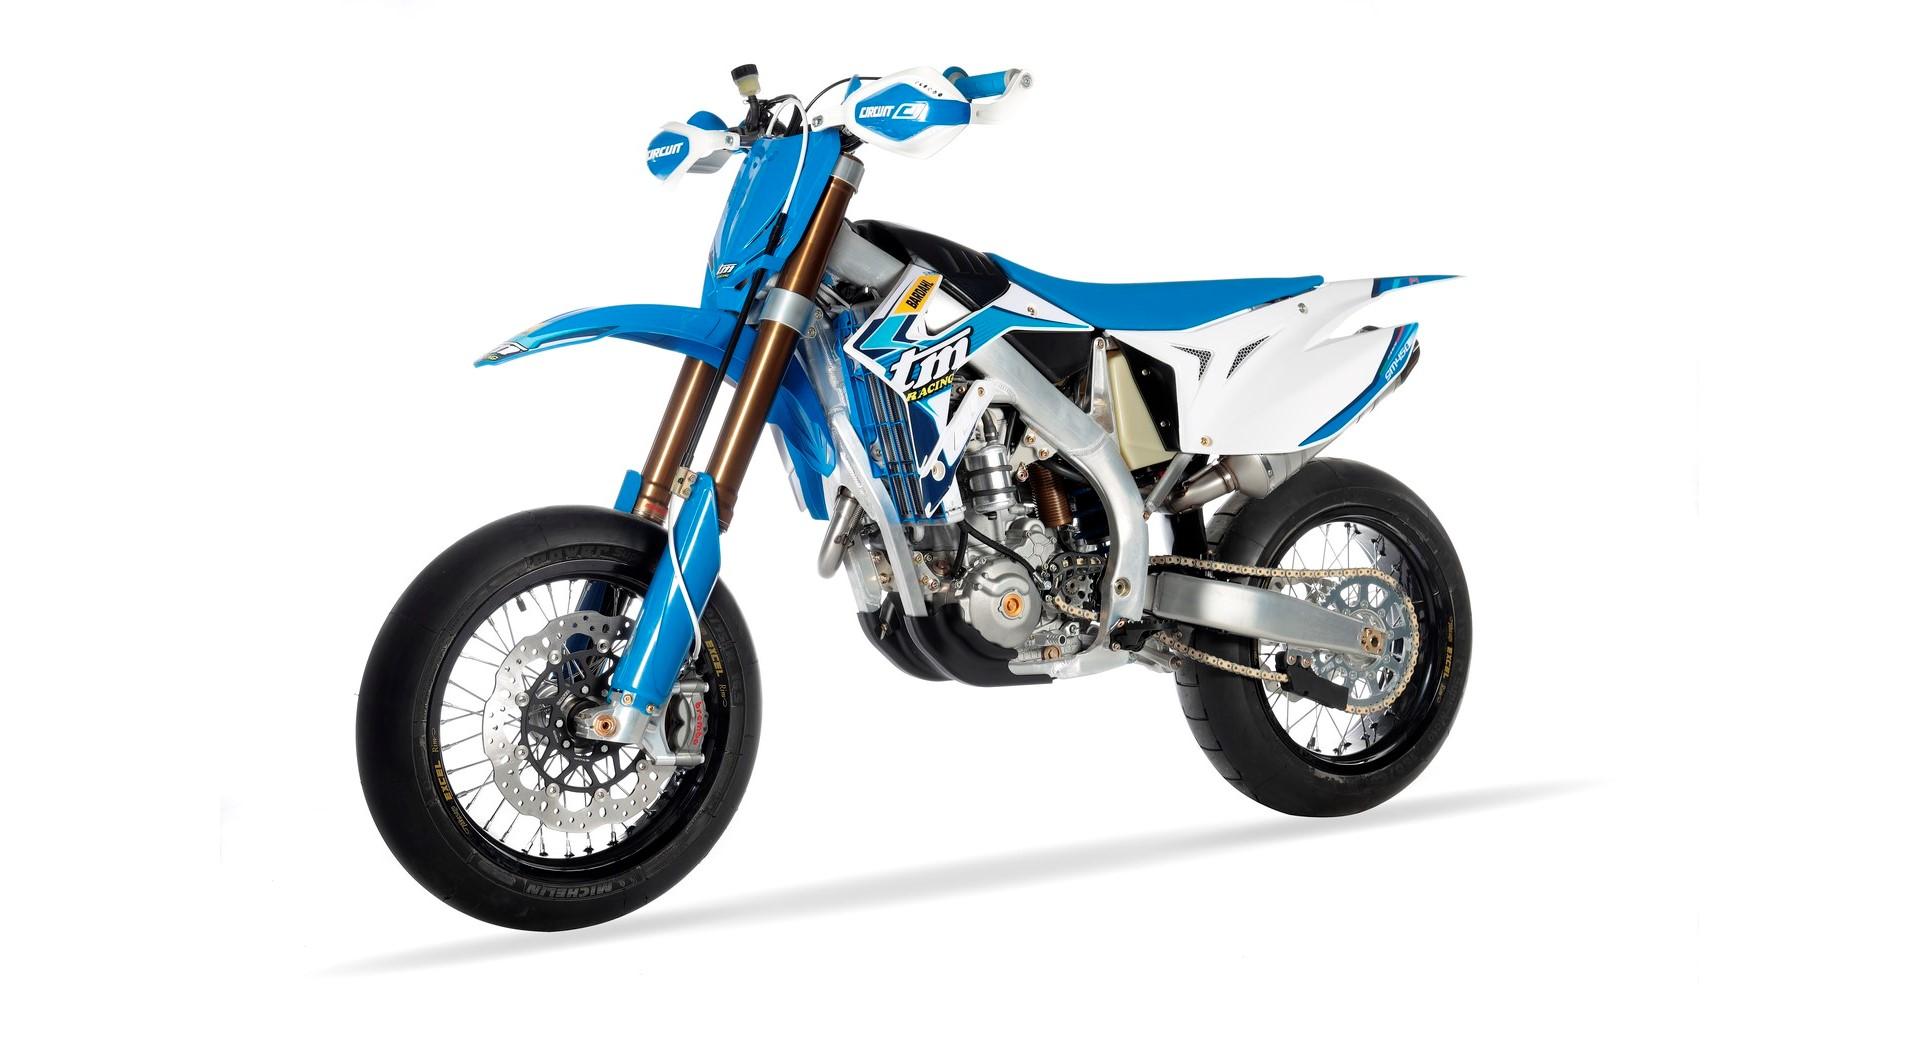 SMX 450 Fi 4T 02